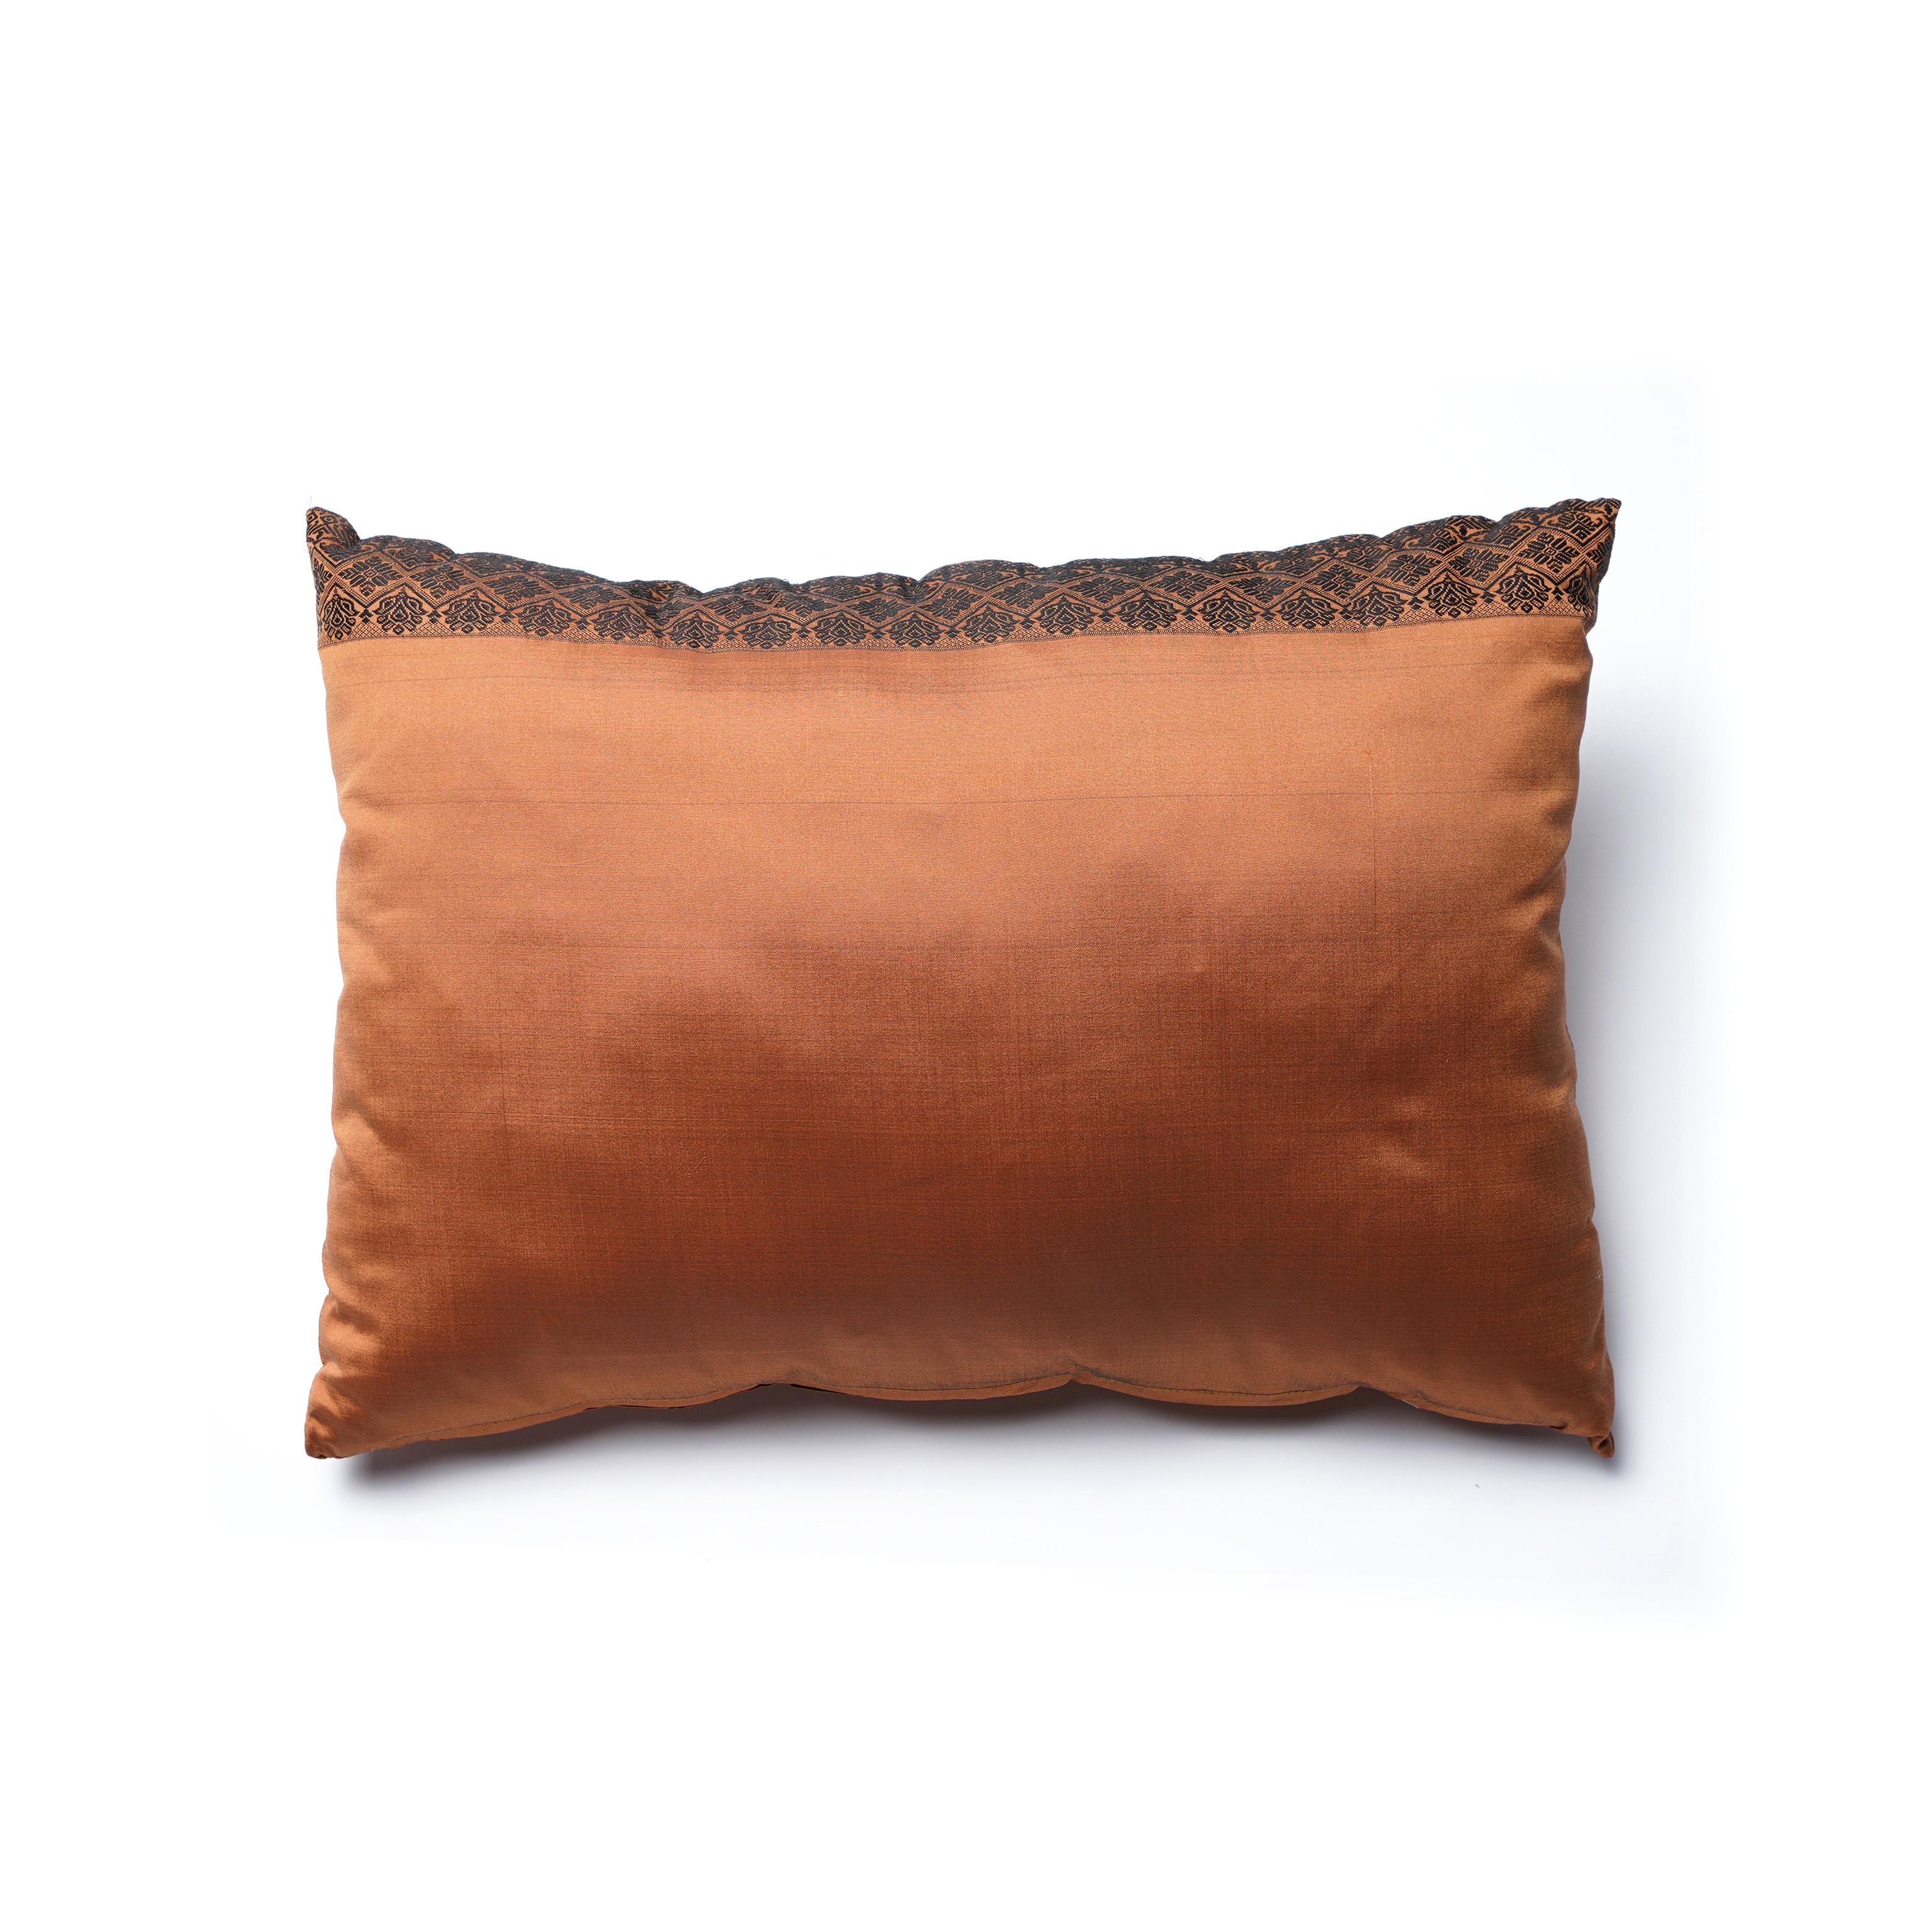 SALE! Almohadón de seda y sintético, cobre con dibujo negro